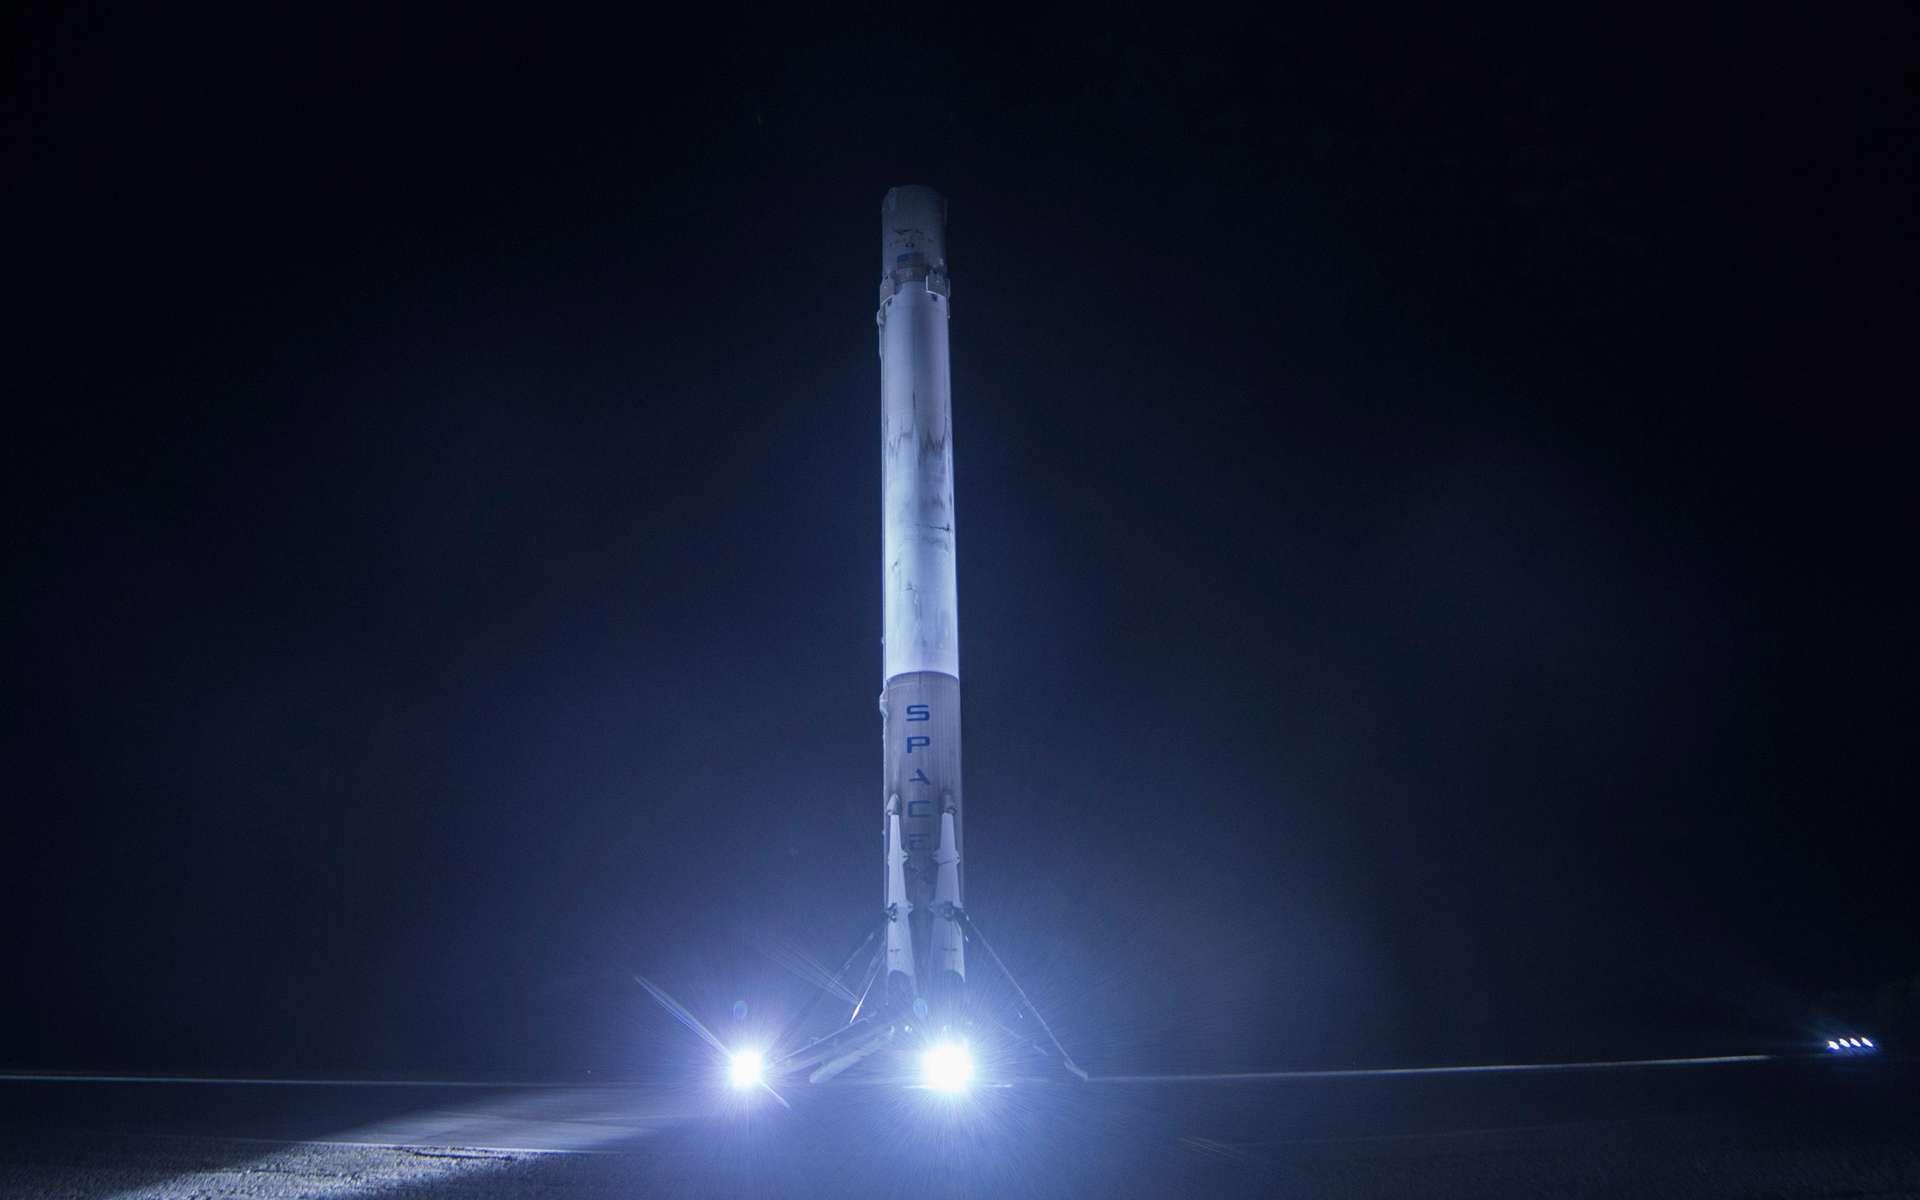 Cet étage principal du lanceur Falcon 9 posé au sol est le cinquième que SpaceX a réussi à récupérer après son utilisation lors d'un lancement. Il a été utilisé le 16 juillet lors du lancement de la capsule Dragon à destination de la Station spatiale internationale. © SpaceX